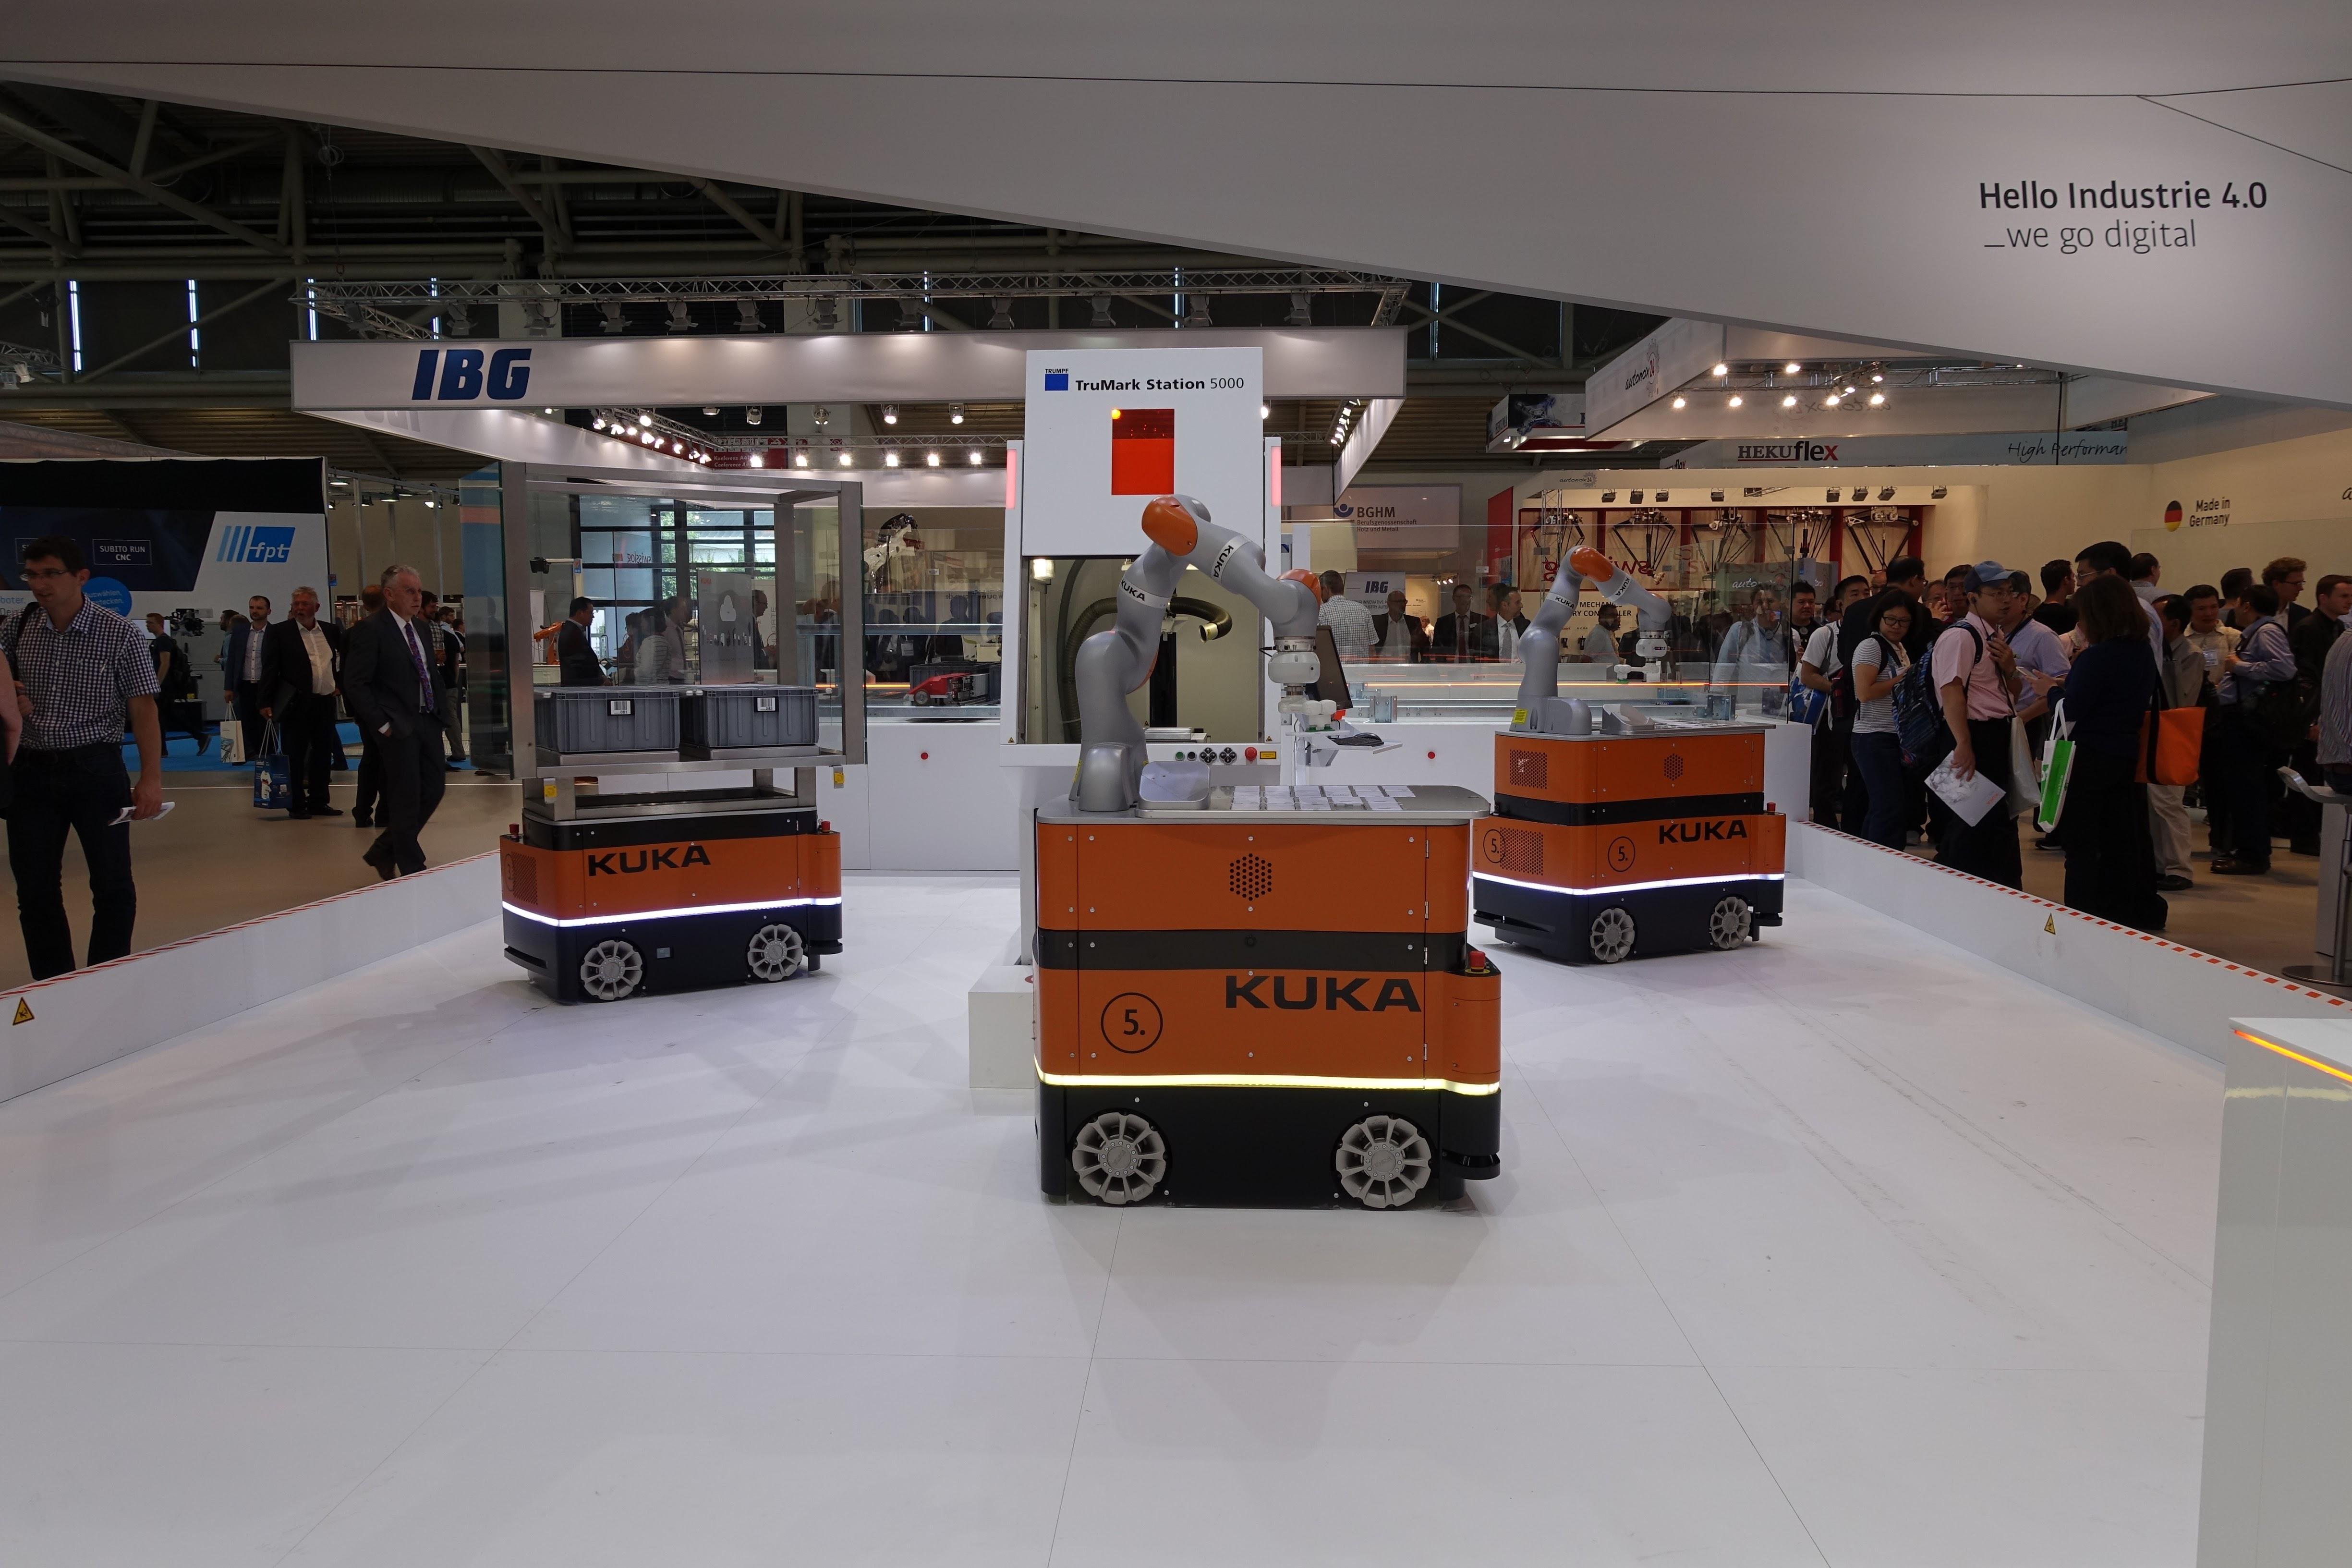 アーム付きの自律走行型ロボットが、連携して作業中。